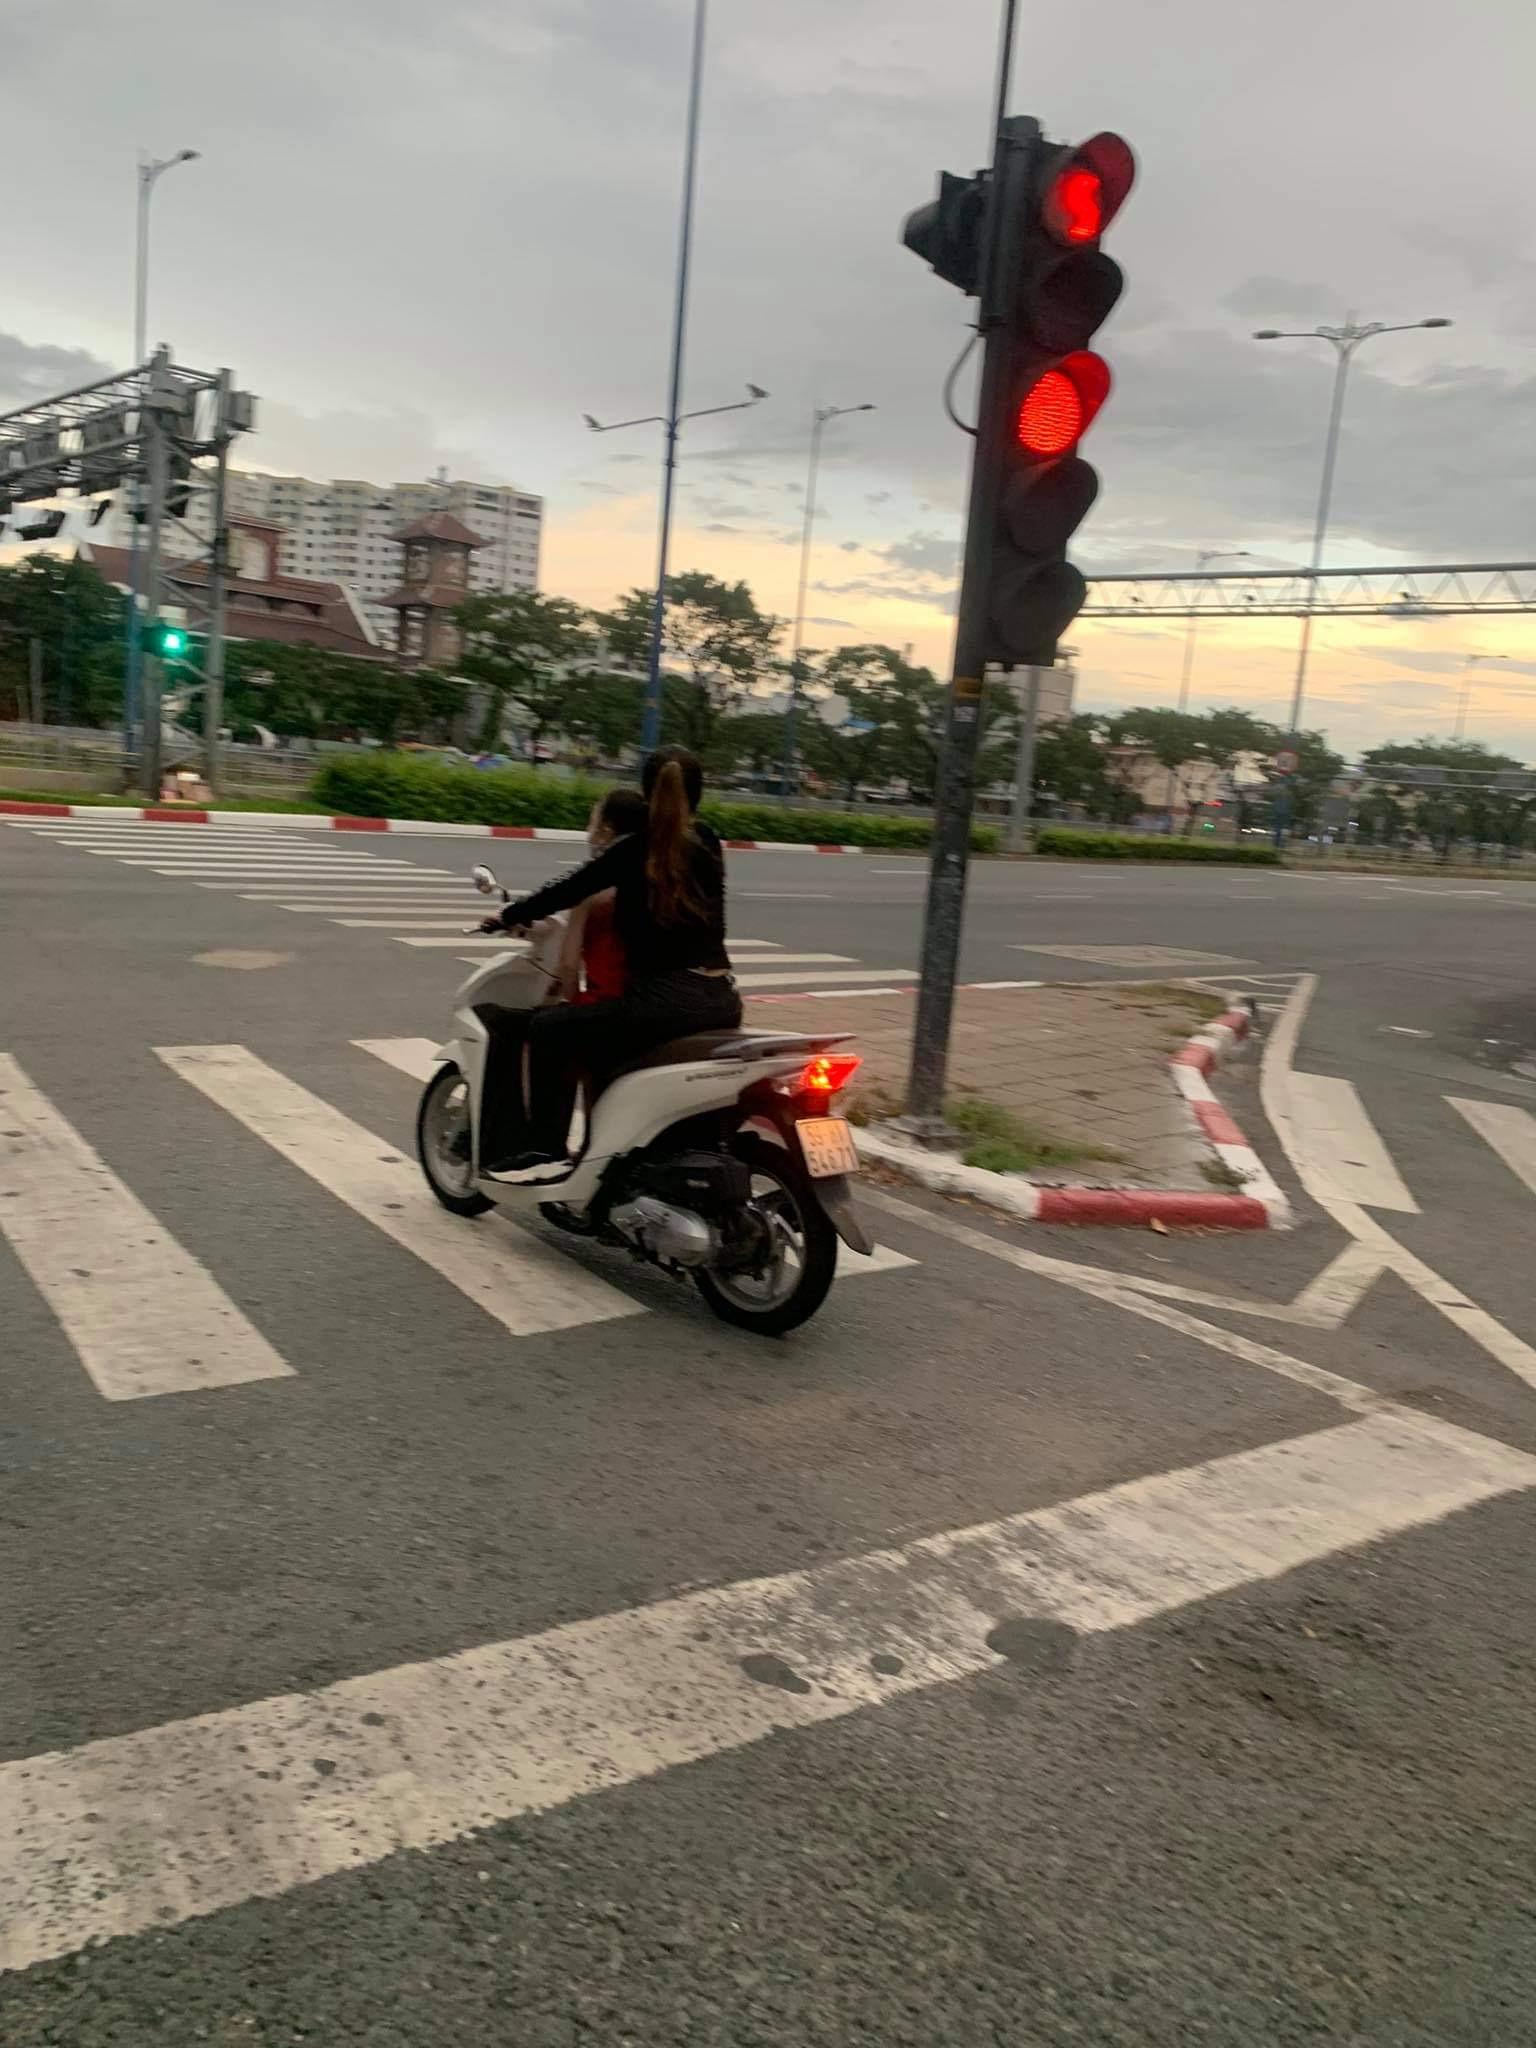 'Vua lì đòn quận 4' tiếp tục xuất hiện trong ngày Sài Gòn giãn cách, khẩu trang và mũ bảo hiểm đi đâu mất rồi?  5